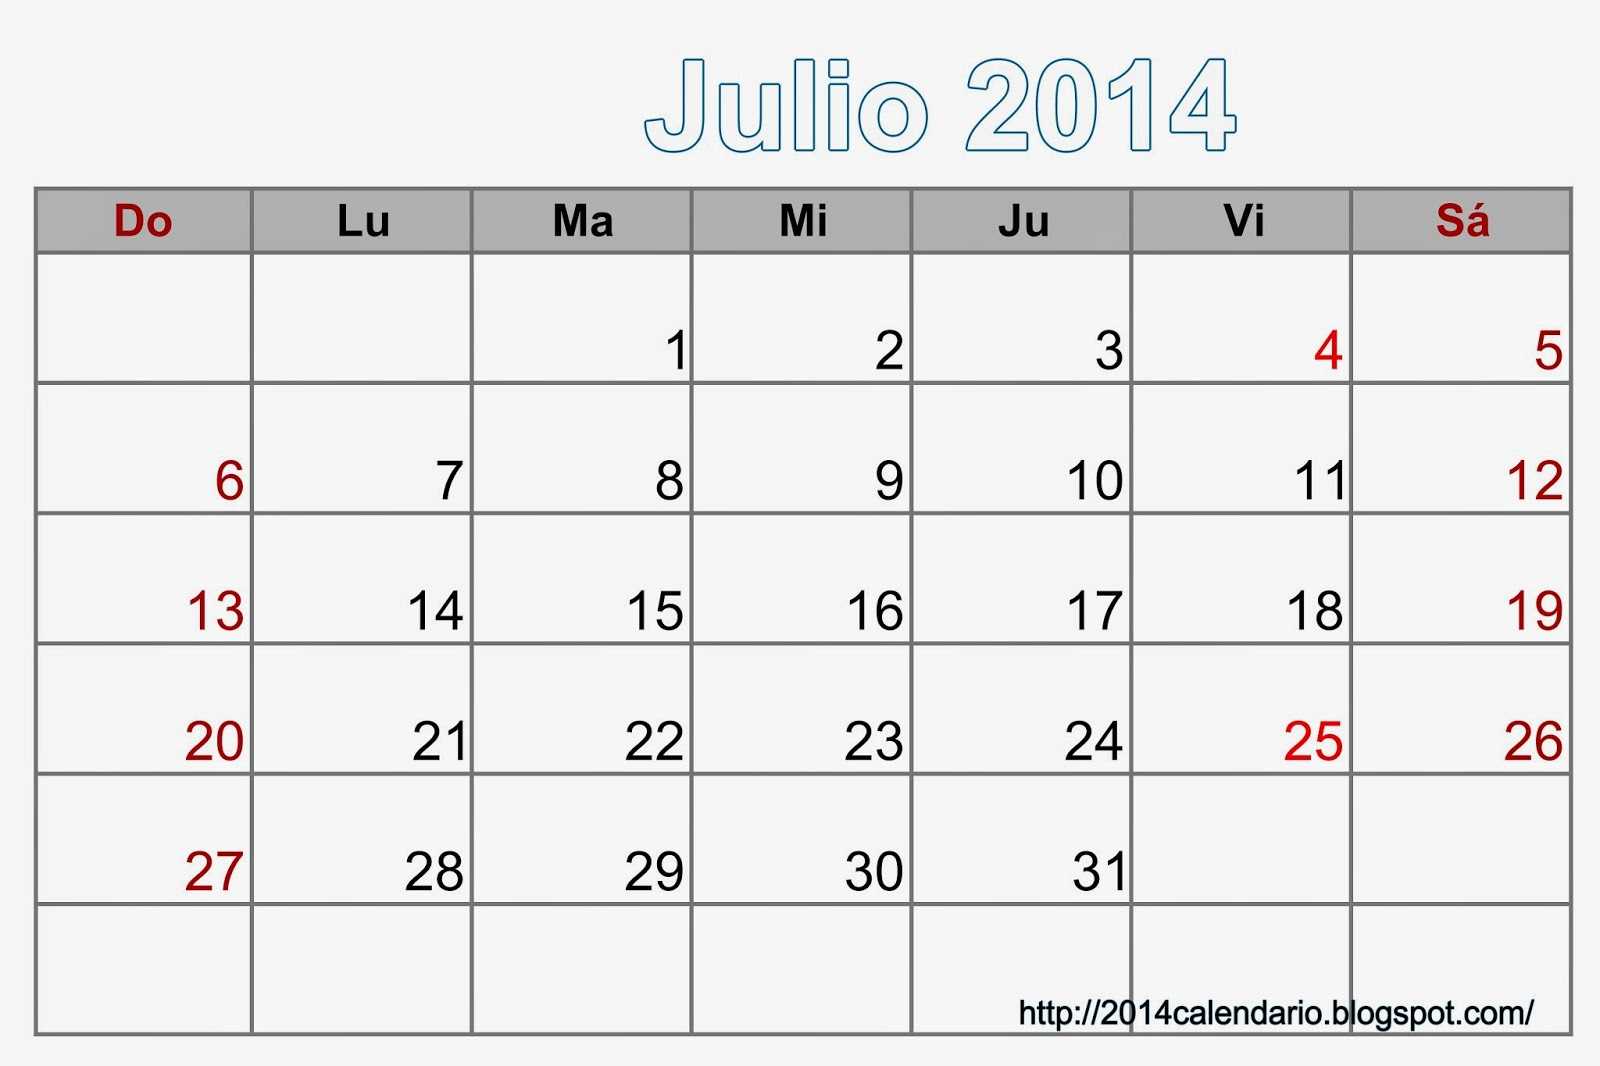 Calendario Julio 2014 en Excel, Calendario 2014 para imprimir ...